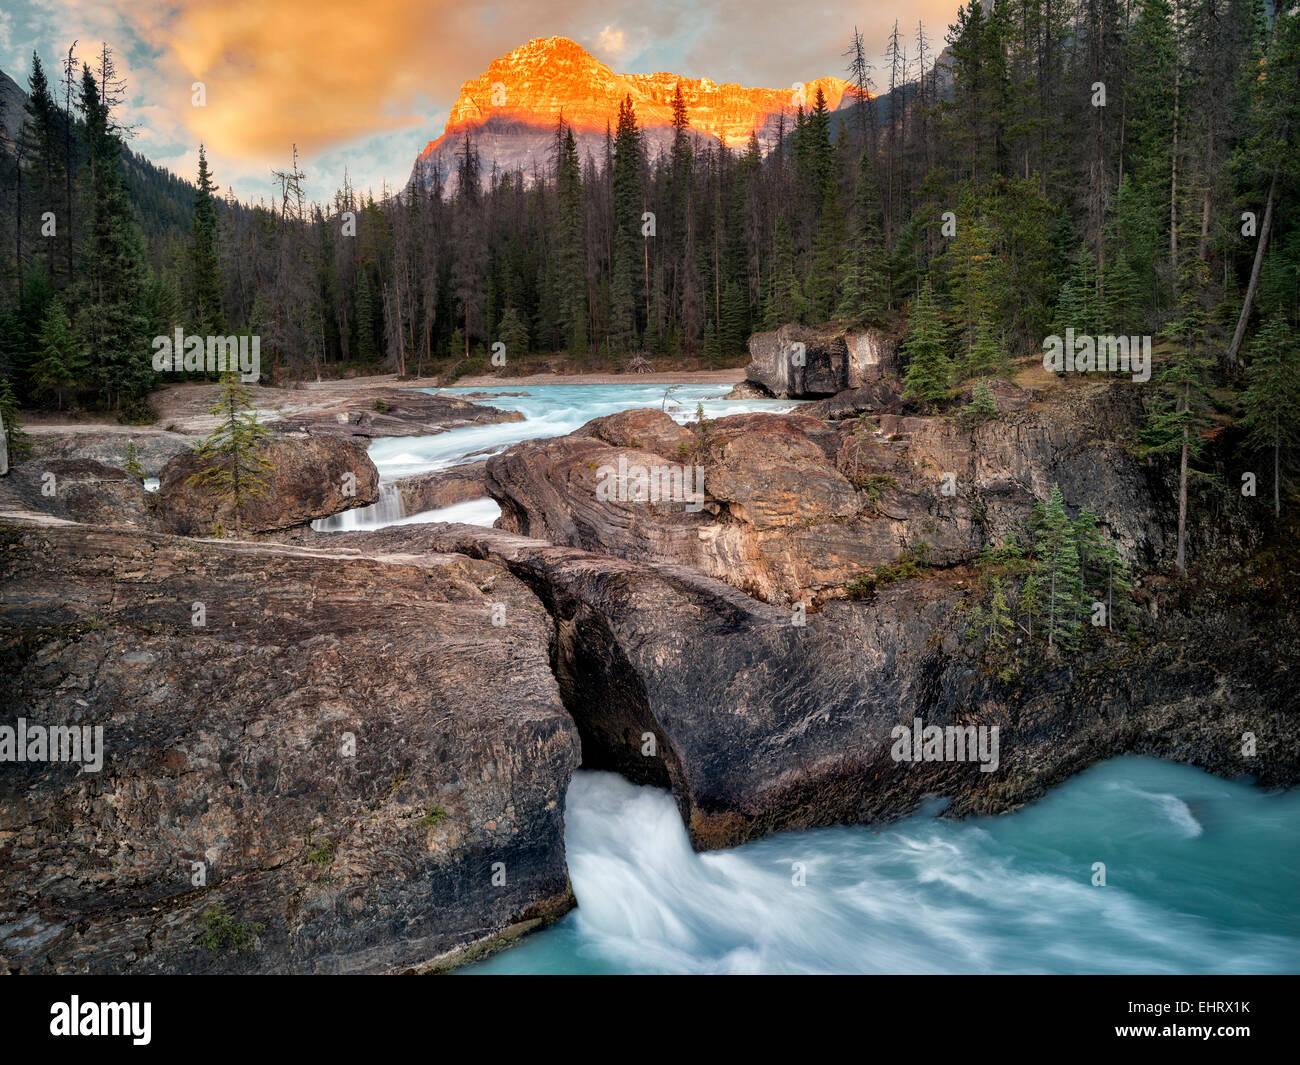 Río Kicking Horse y puente natural disminuye con la puesta de sol en British Columbia's Canadian Rockies y el Parque Nacional Yoho. Foto de stock